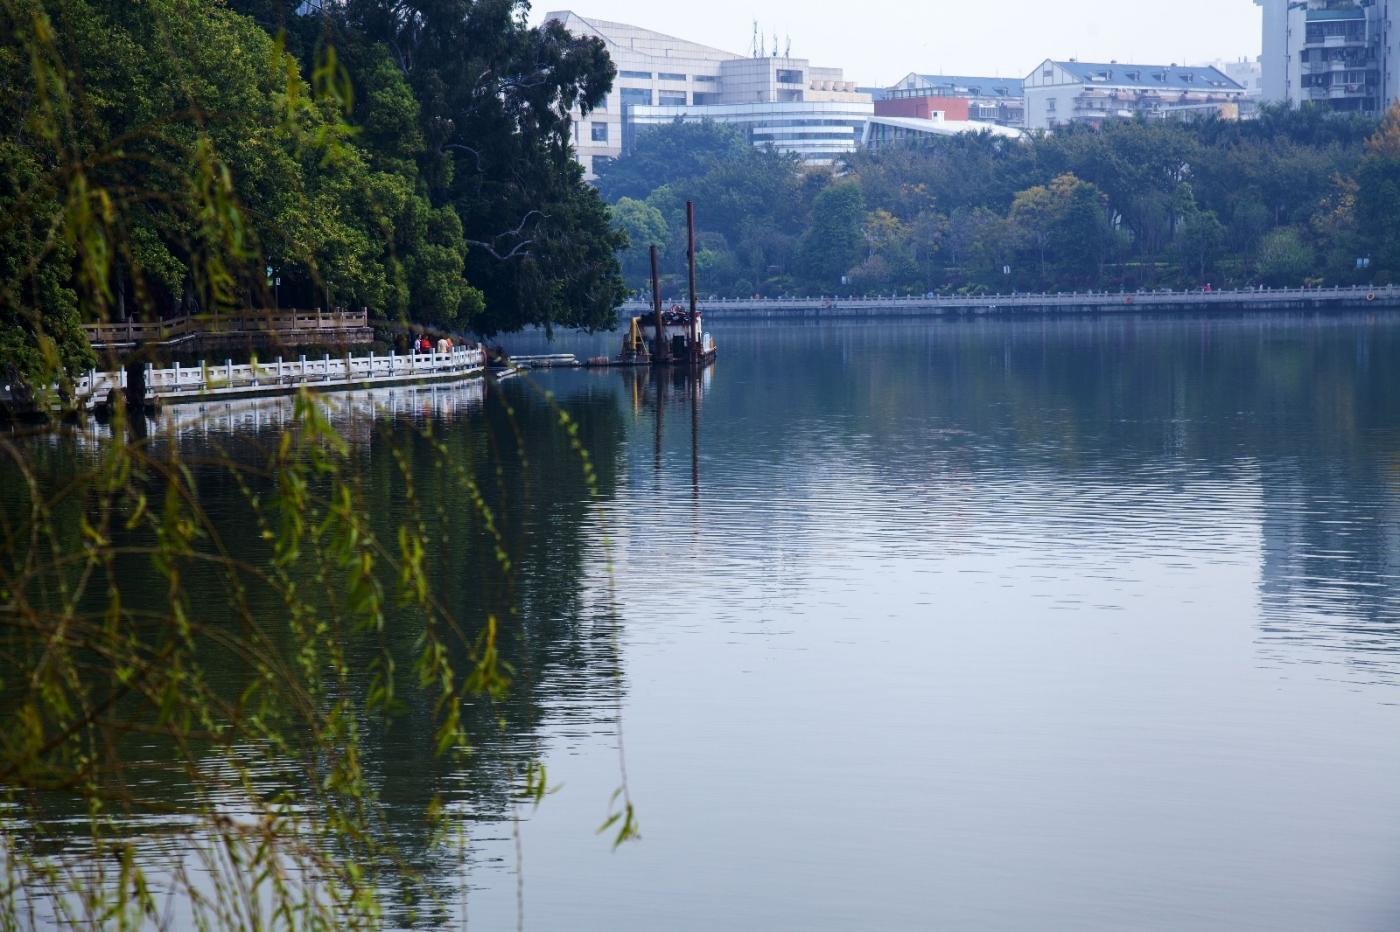 福州西湖公园,美景如画,赏心悦目,流连忘返_图1-4